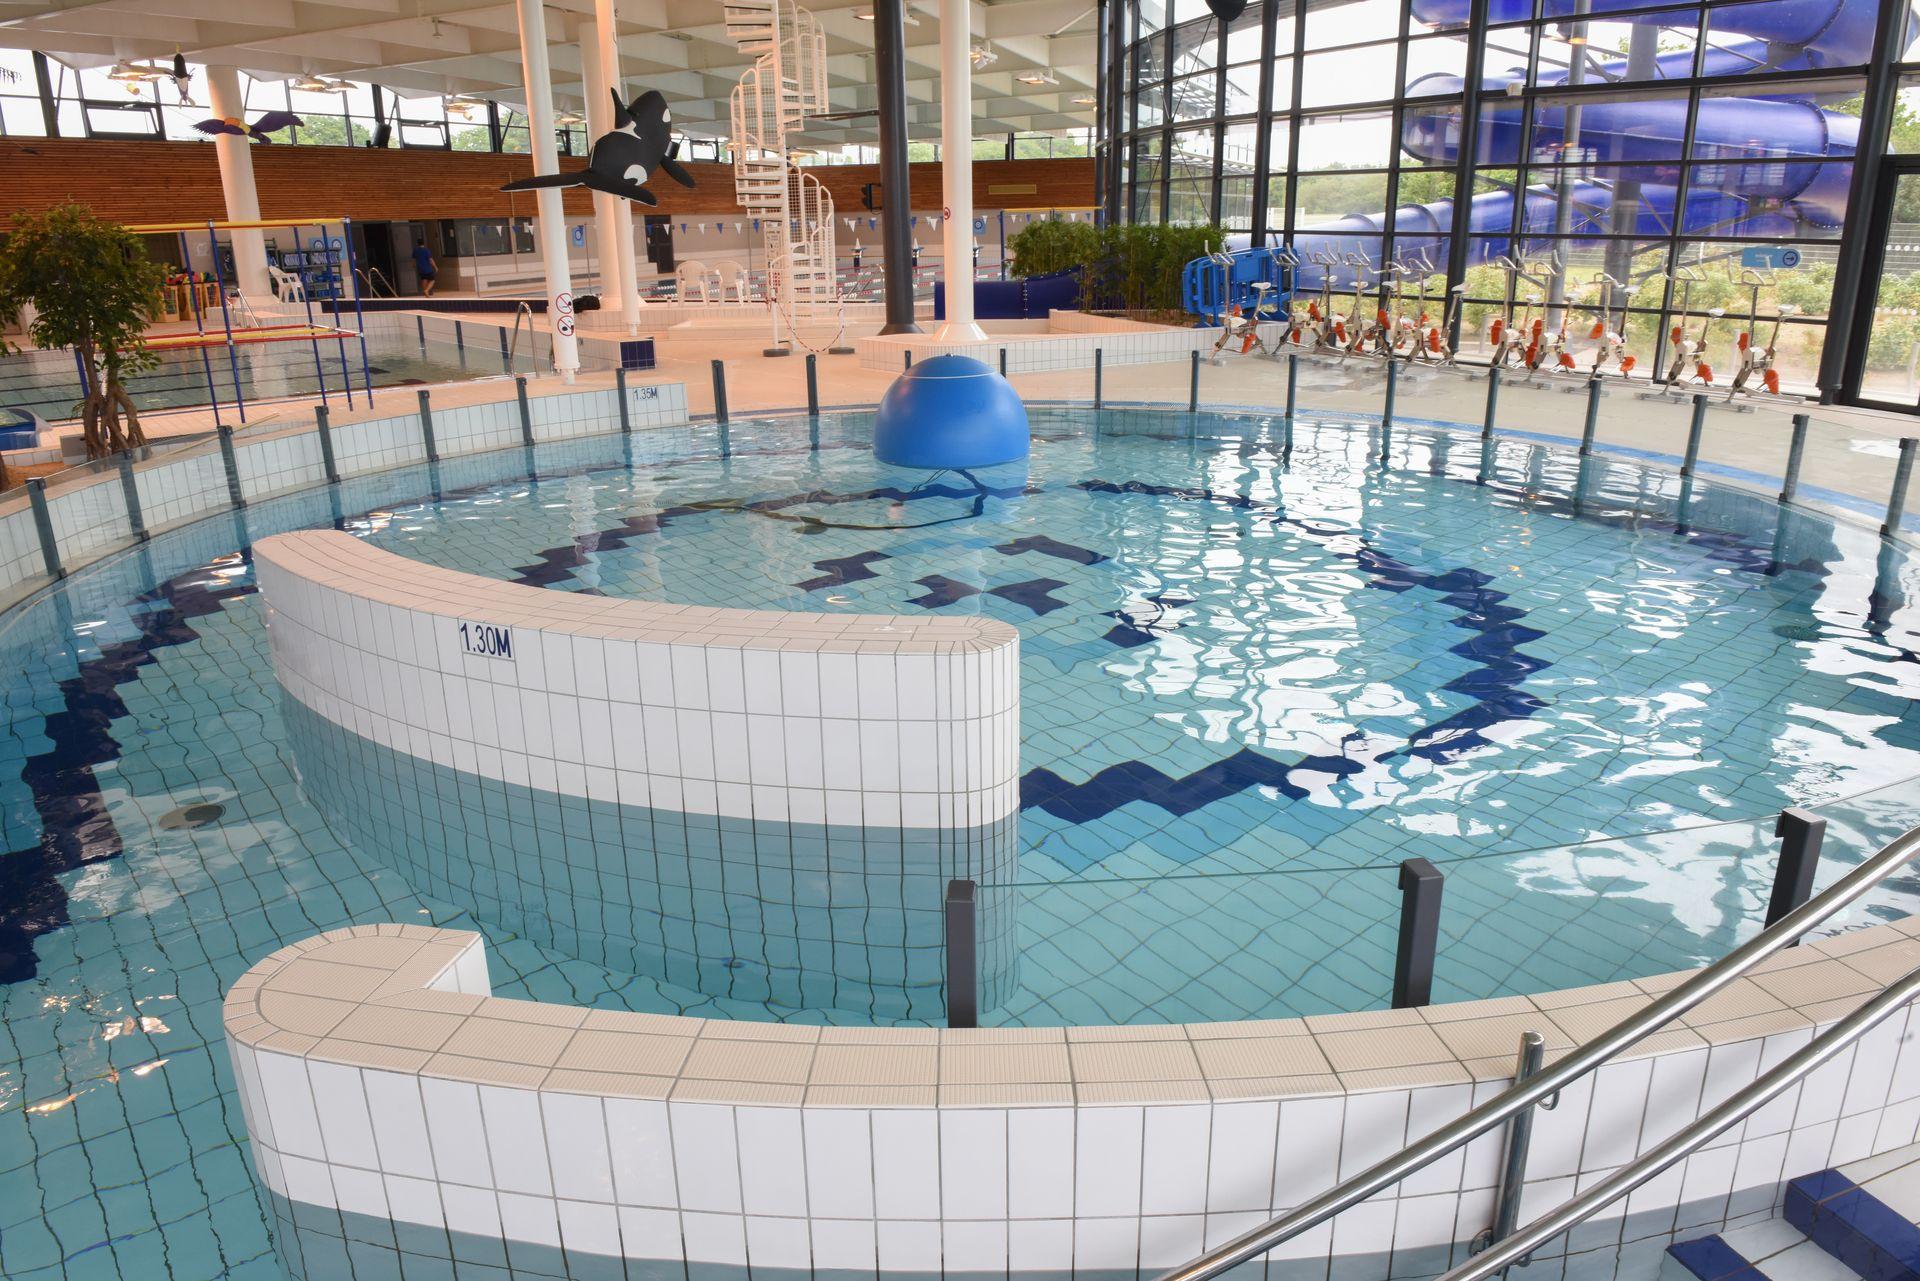 Le Centre Aquatique Alre'o - Alre O - Auray Quiberon Terre ... tout Piscine Auray Horaires